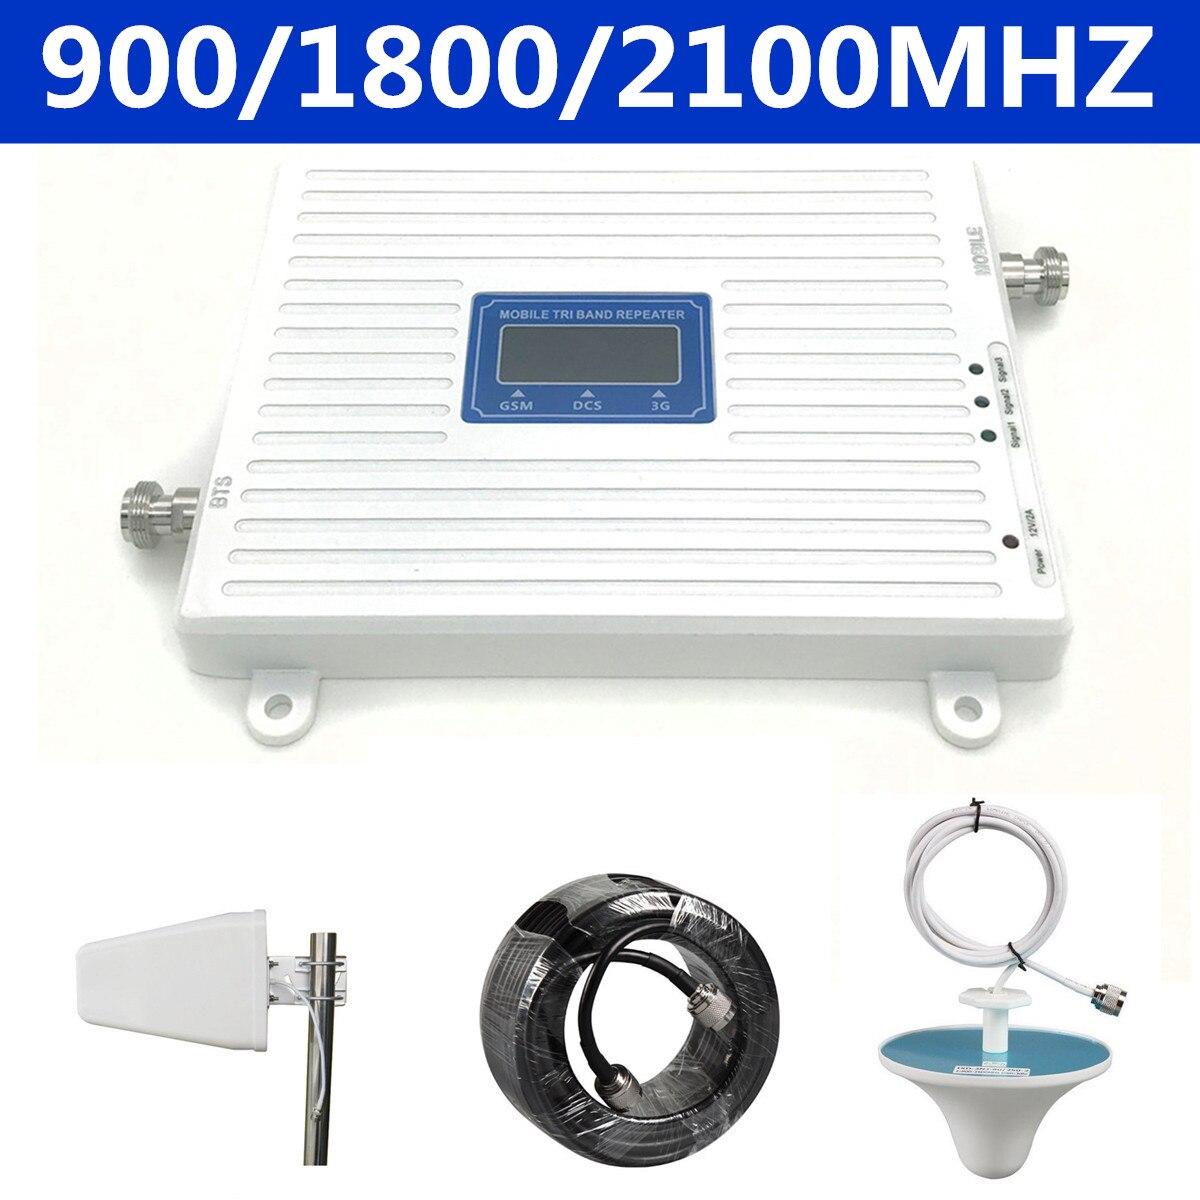 900 MHz 1800 MHz 2100 MHZ 2G 3G 4G Mobile Triple bande répéteur de Signal de téléphone Boosters avec câble d'antenne